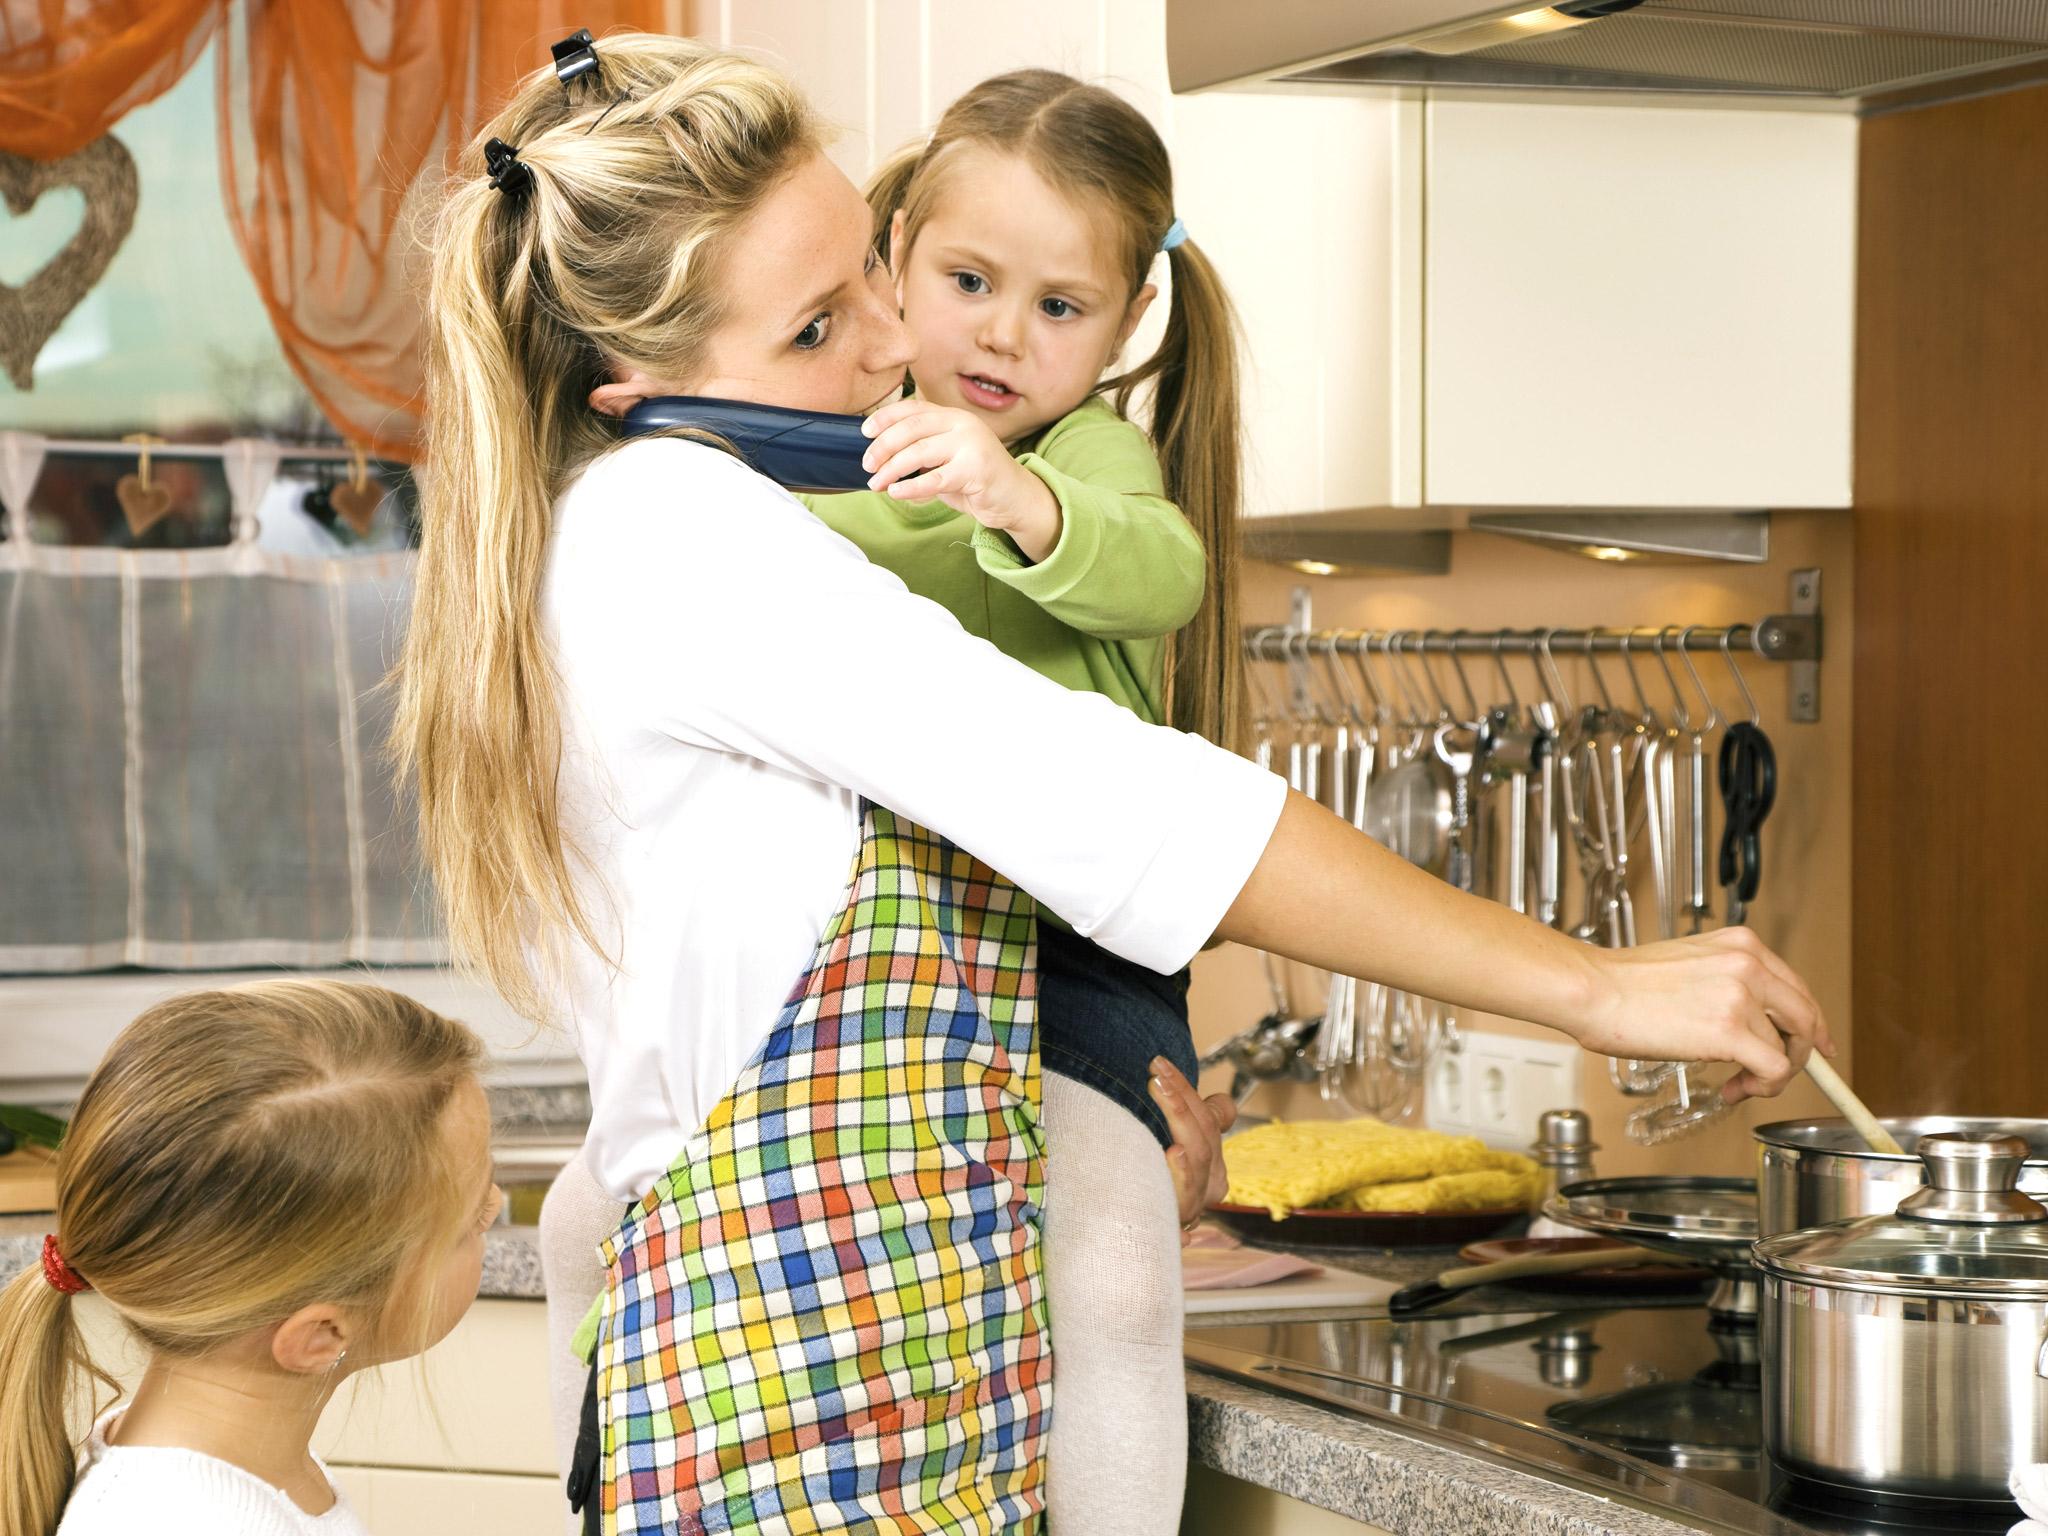 las personas sin hijos son más felices